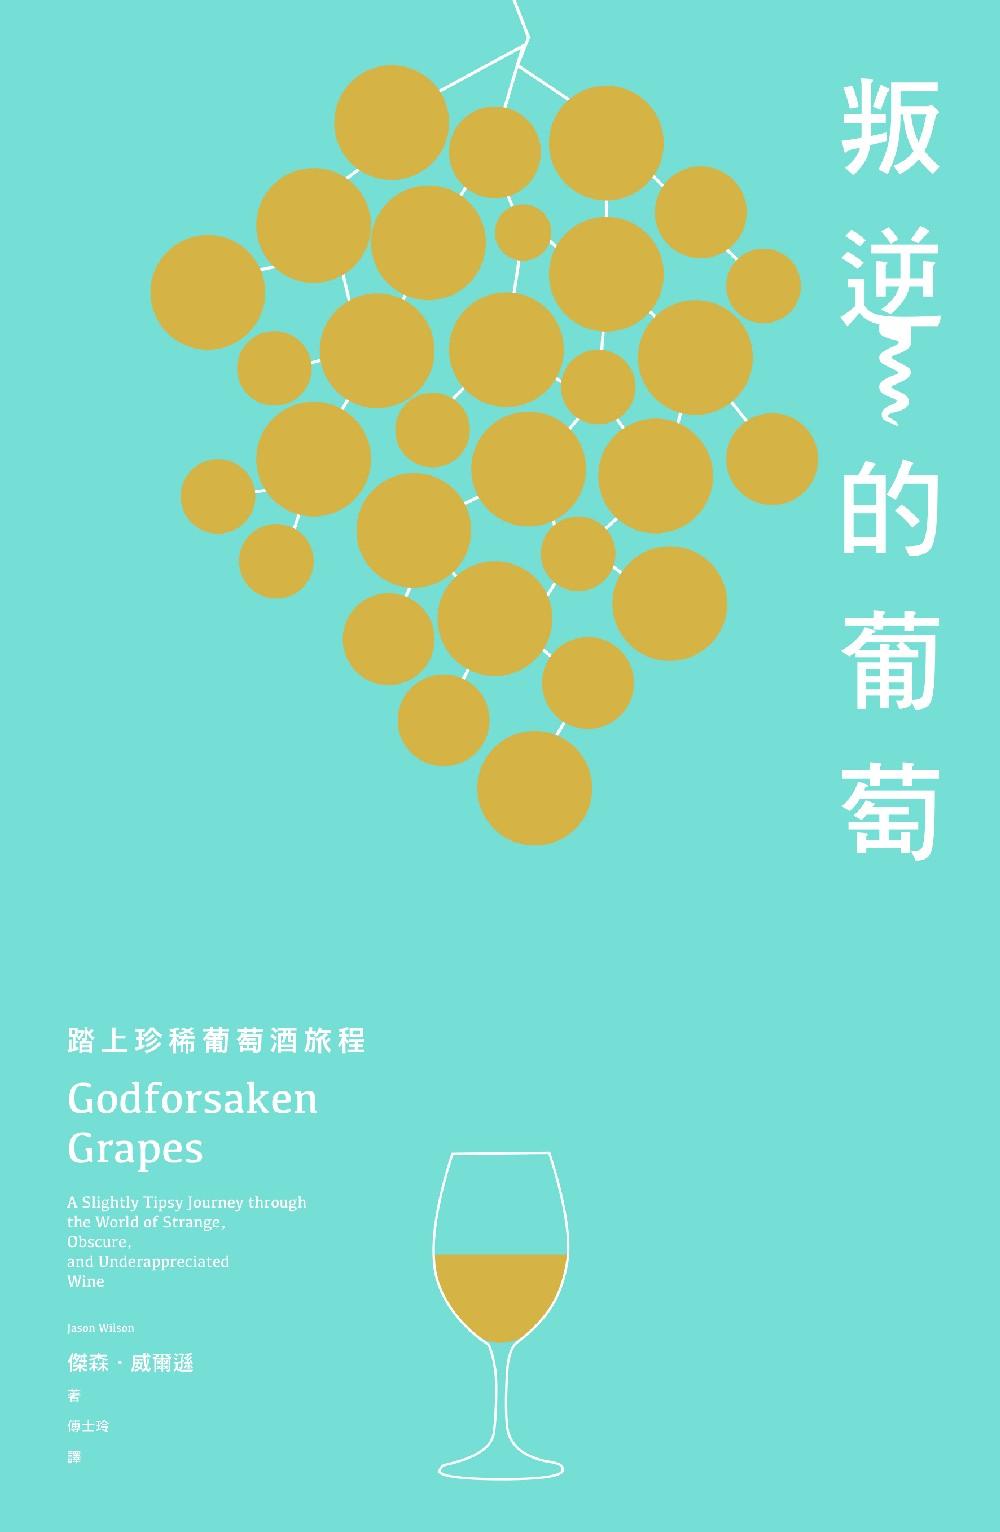 叛逆的葡萄:踏上珍稀葡萄酒旅程 (電子書)